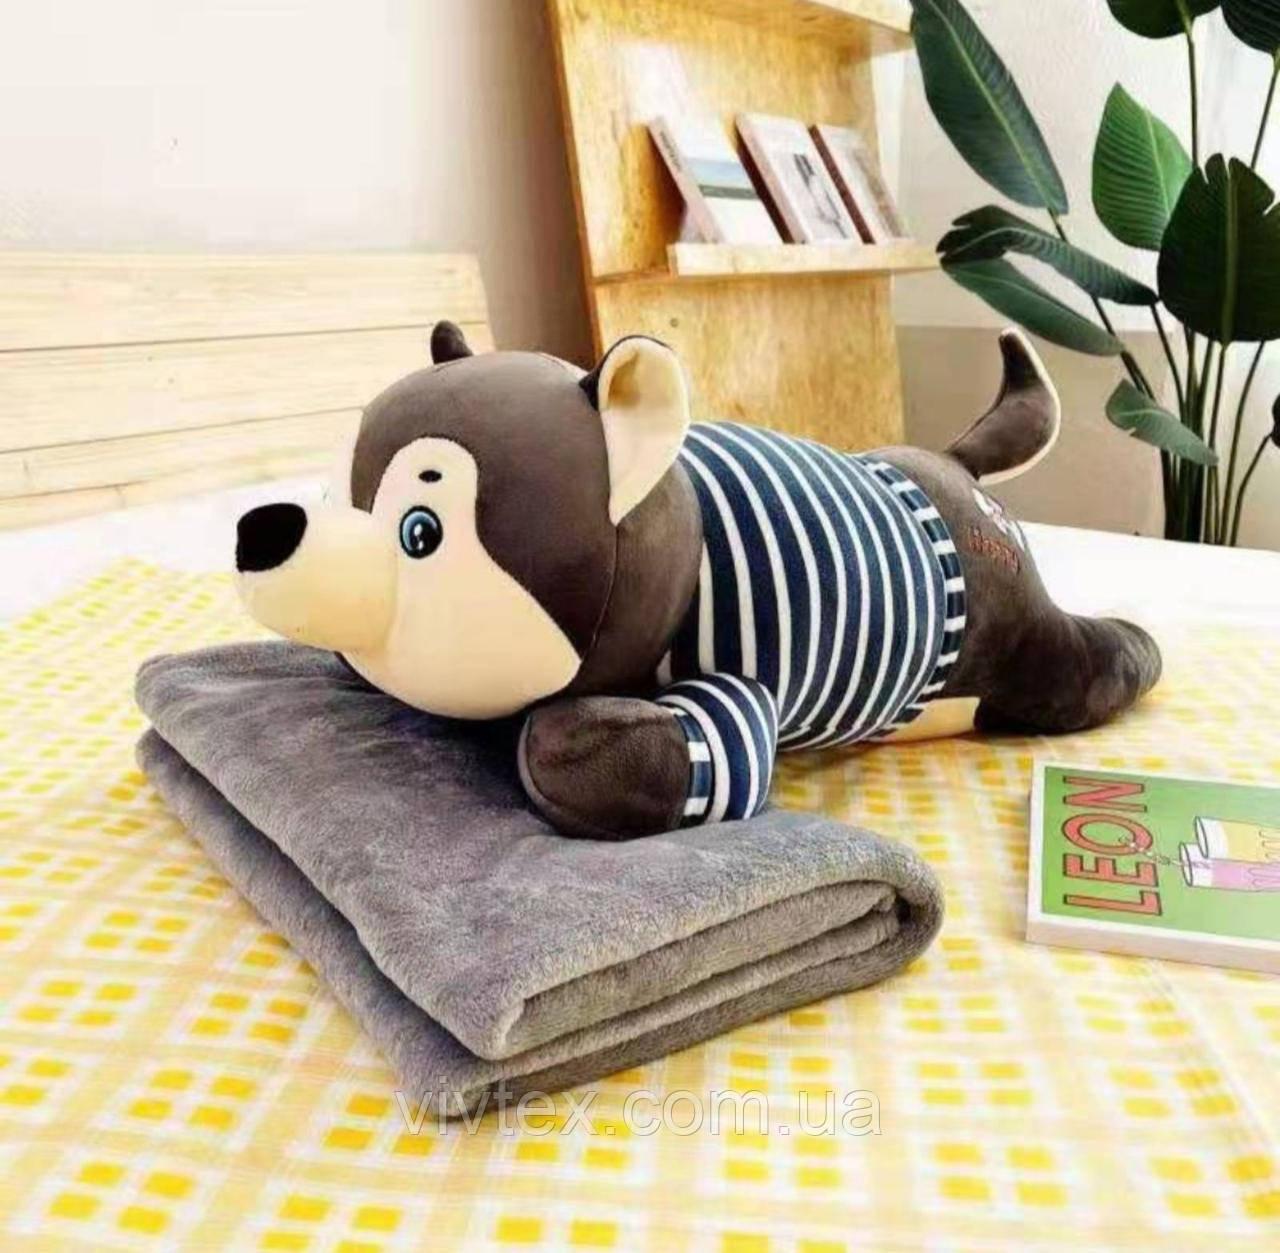 Плед детский + игрушка хаски и подушка 3в1